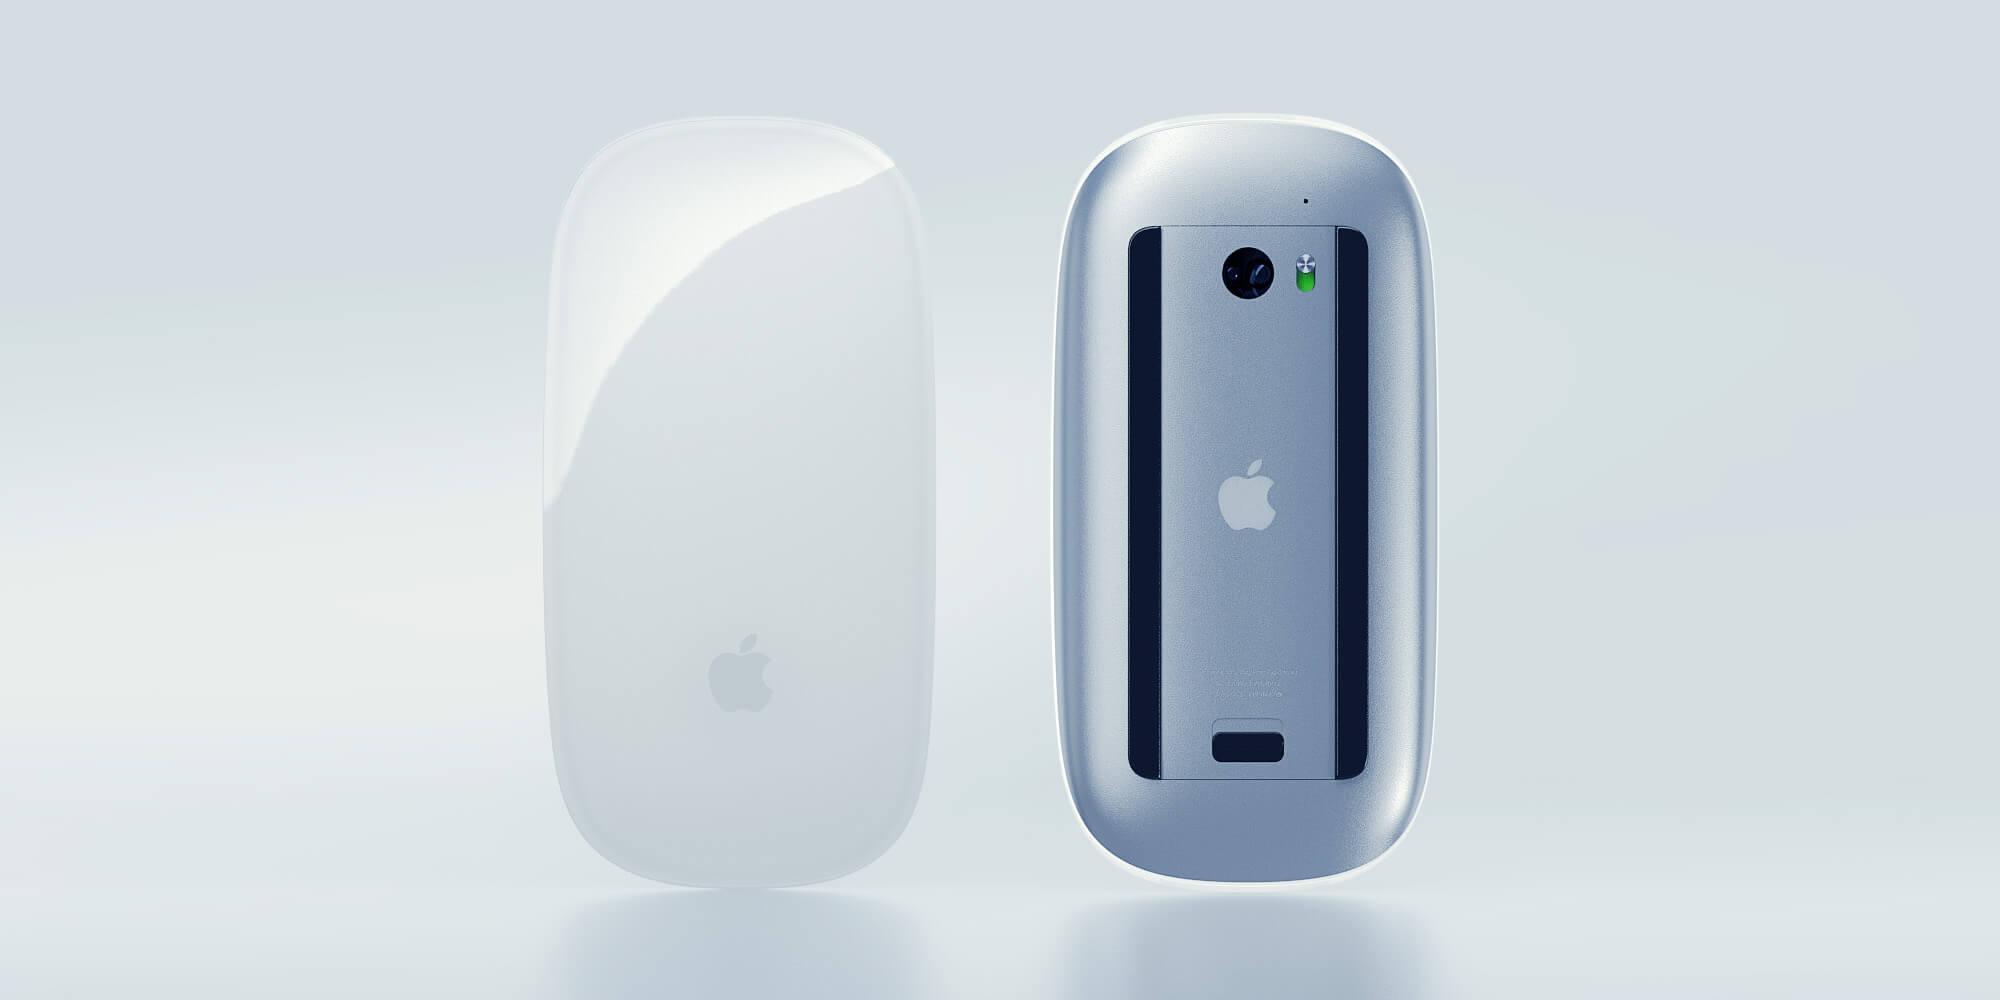 Vorder- und Rückseite einer Apple Mouse vor hellem Hintergrund